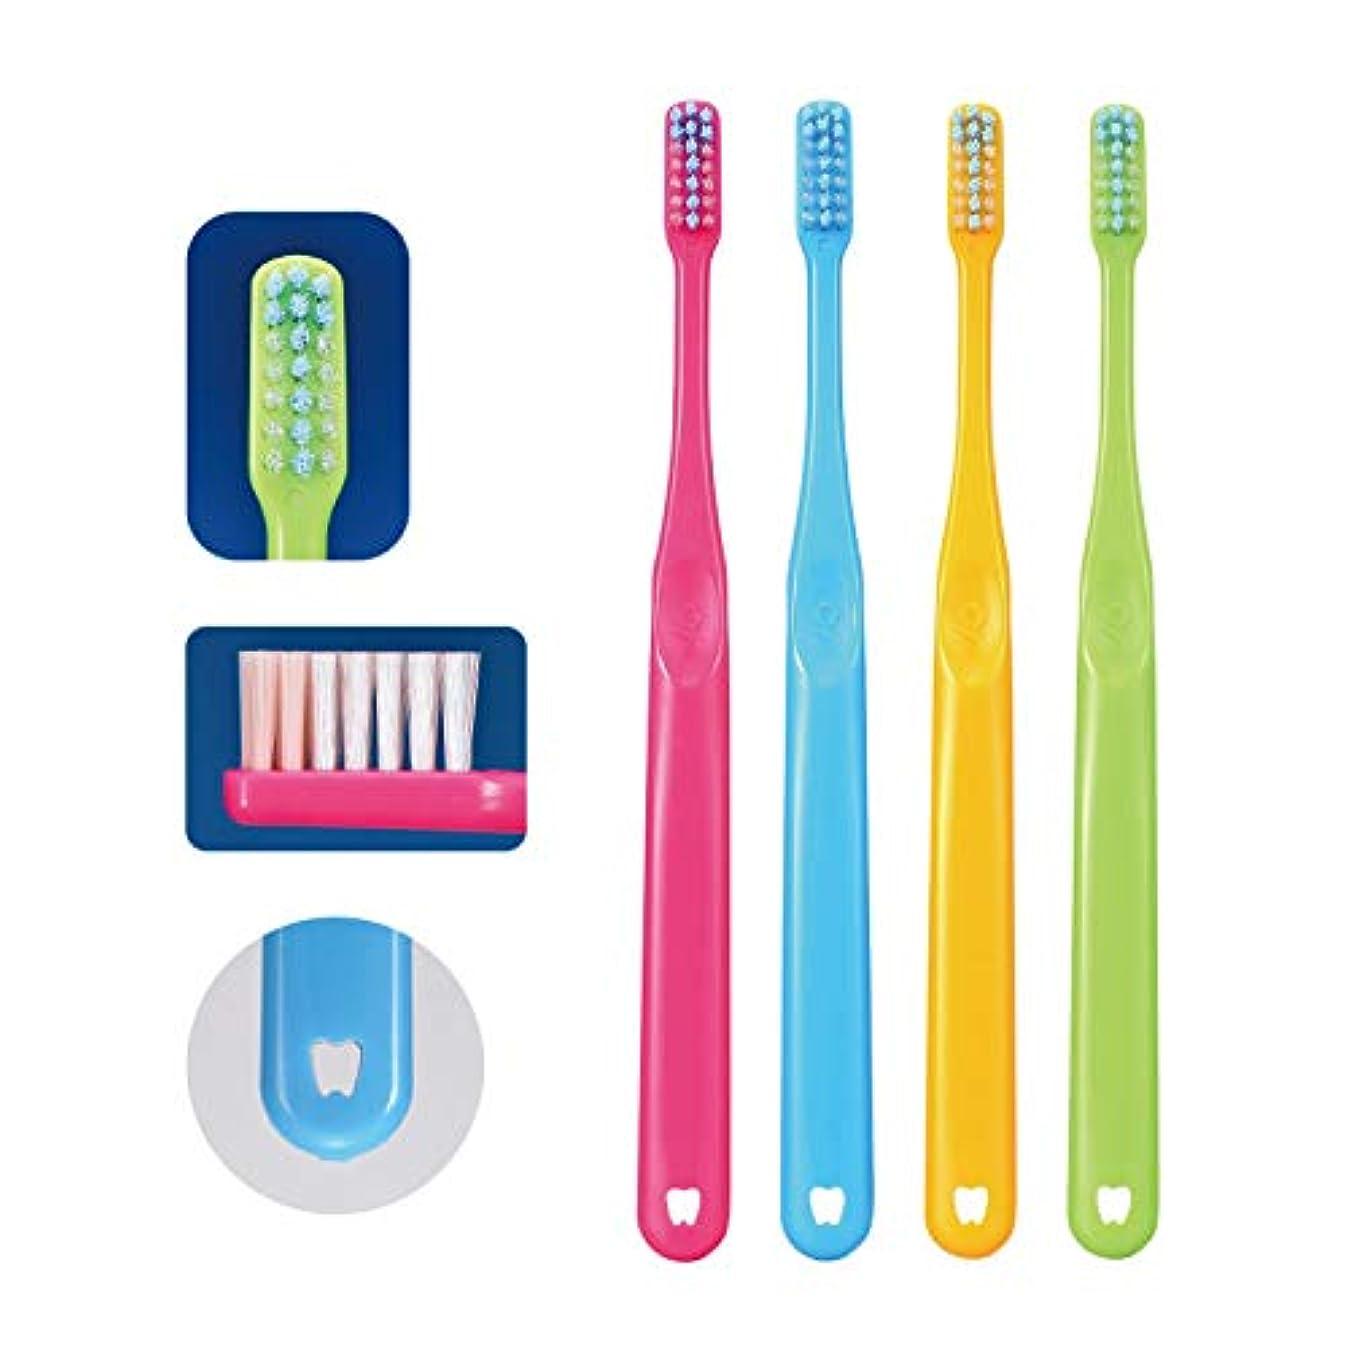 紳士クリア盲信Ci PRO PLUS プロプラス 歯ブラシ 20本 M(ふつう) 日本製 プラーク除去 歯科専売品